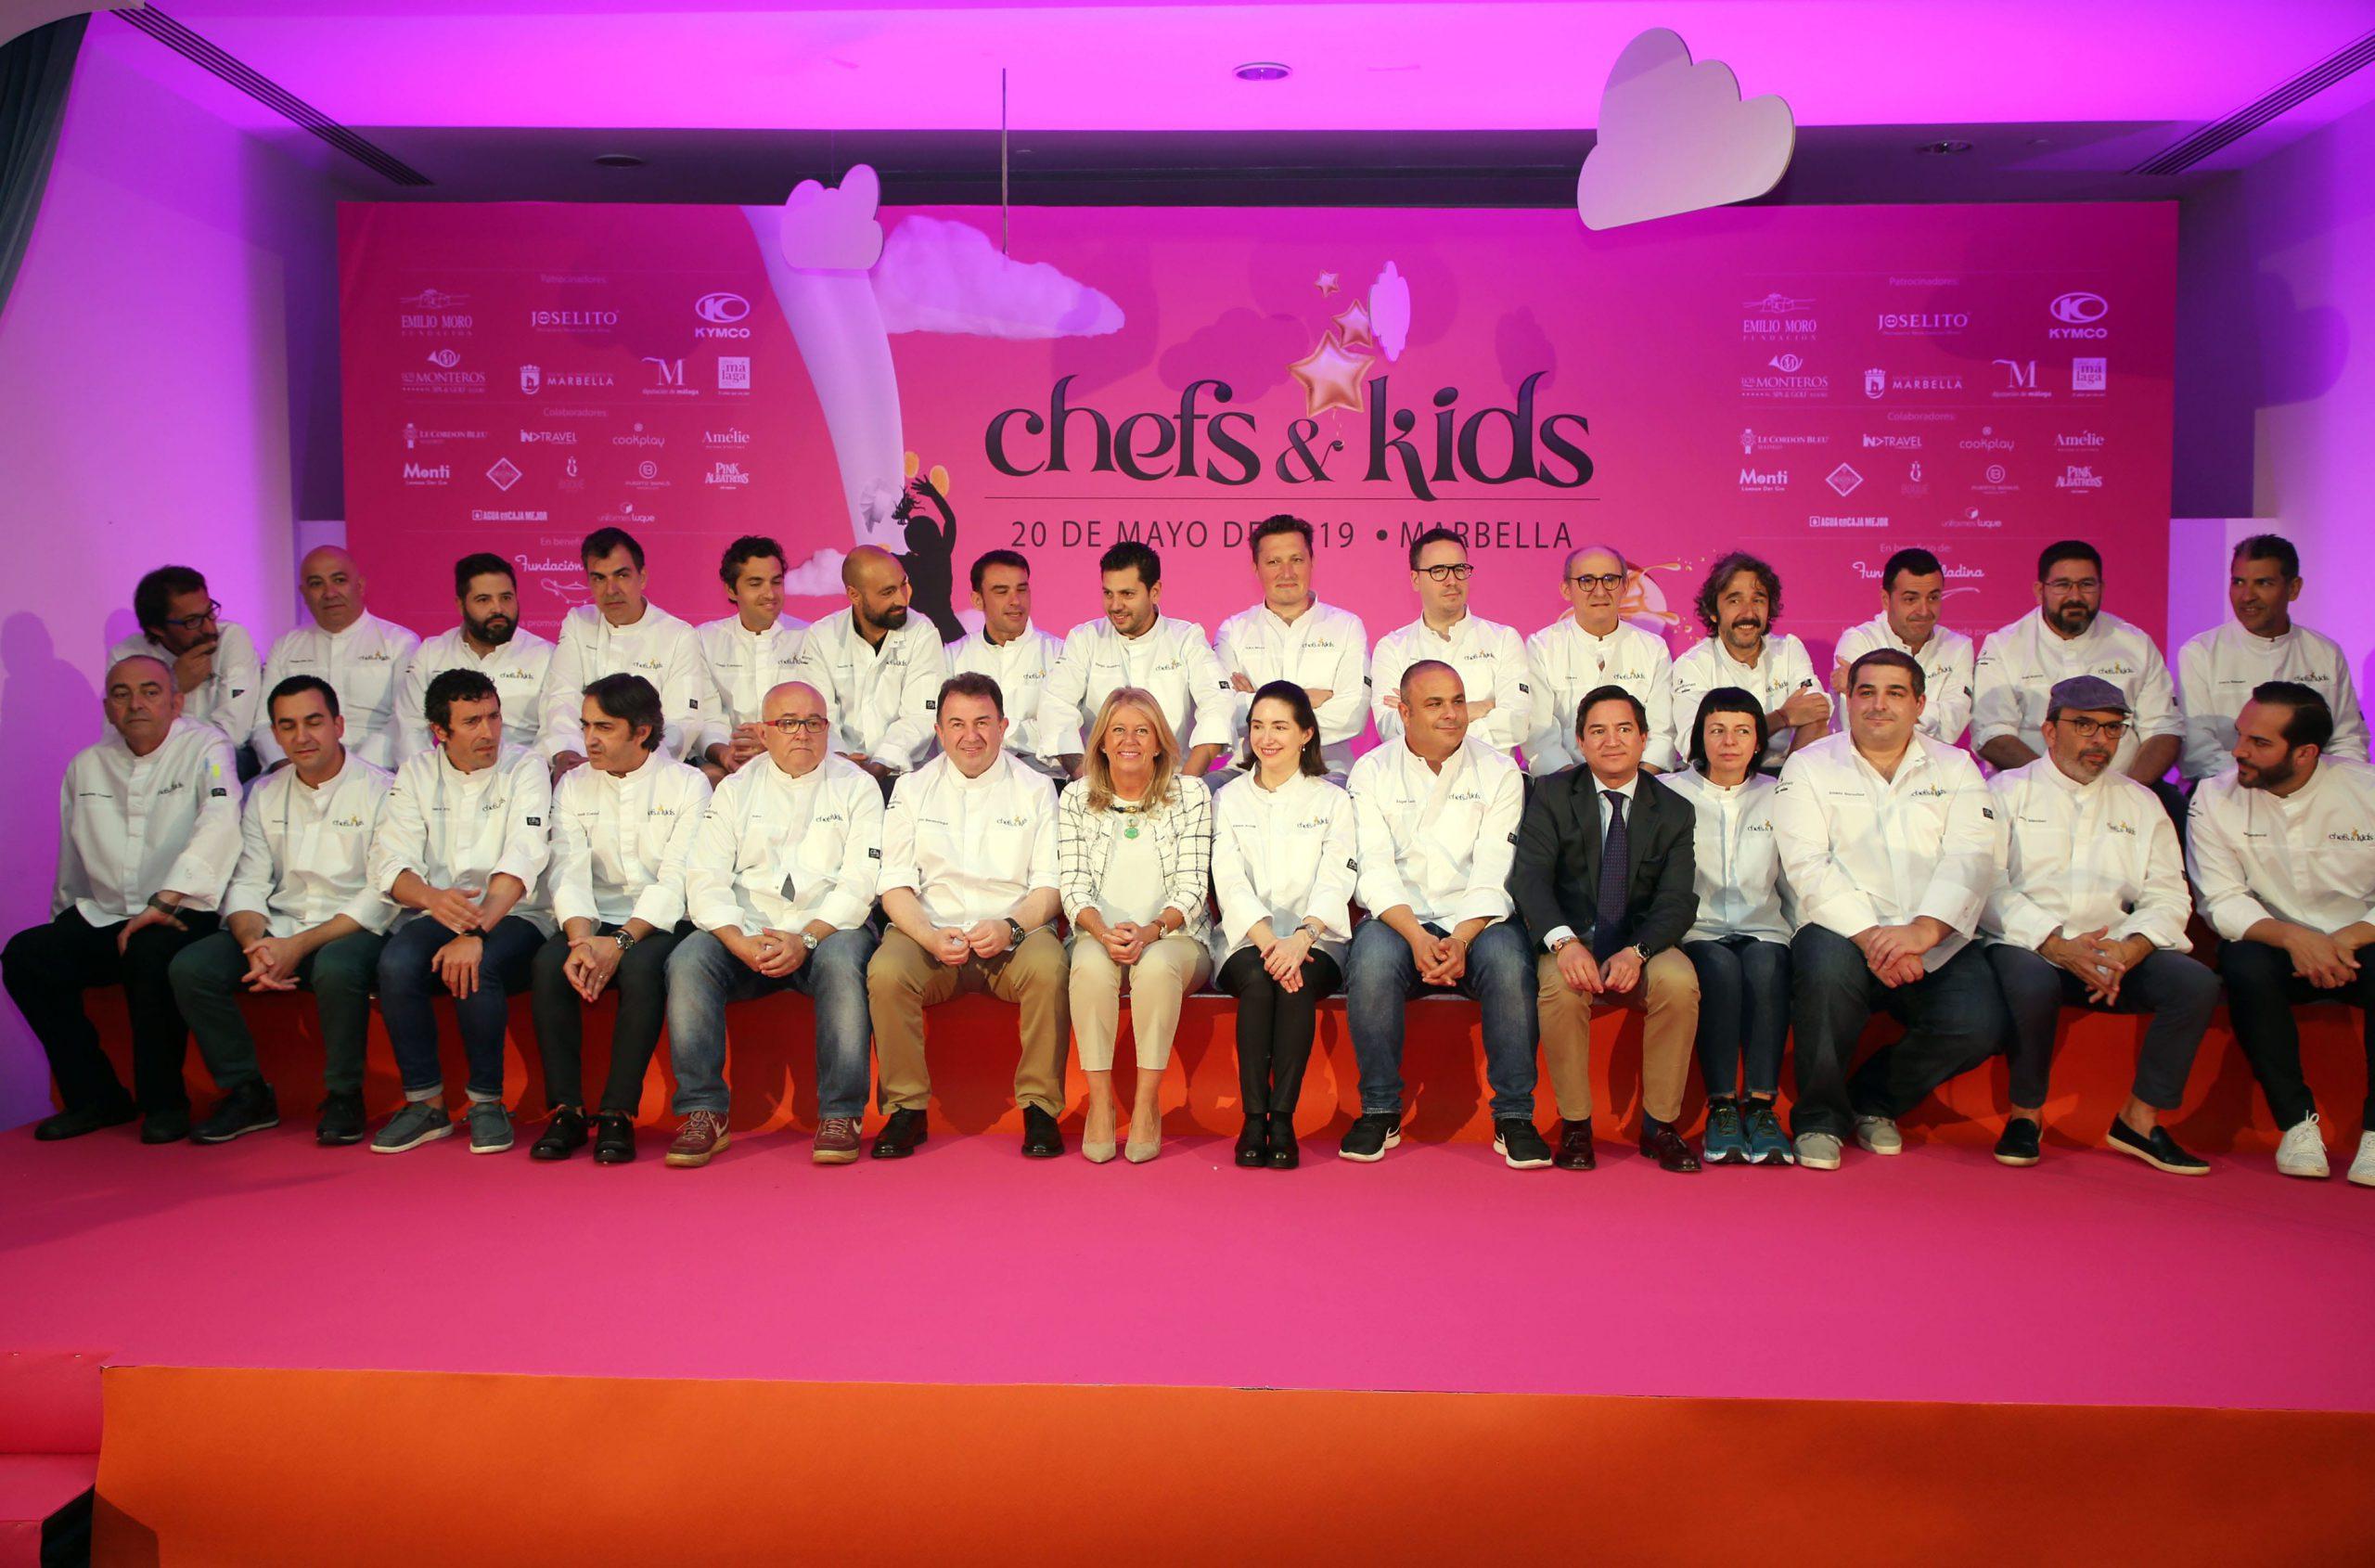 Un total de 27 cocineros con más de 40 Estrellas Michelin participan en Chefs&Kids